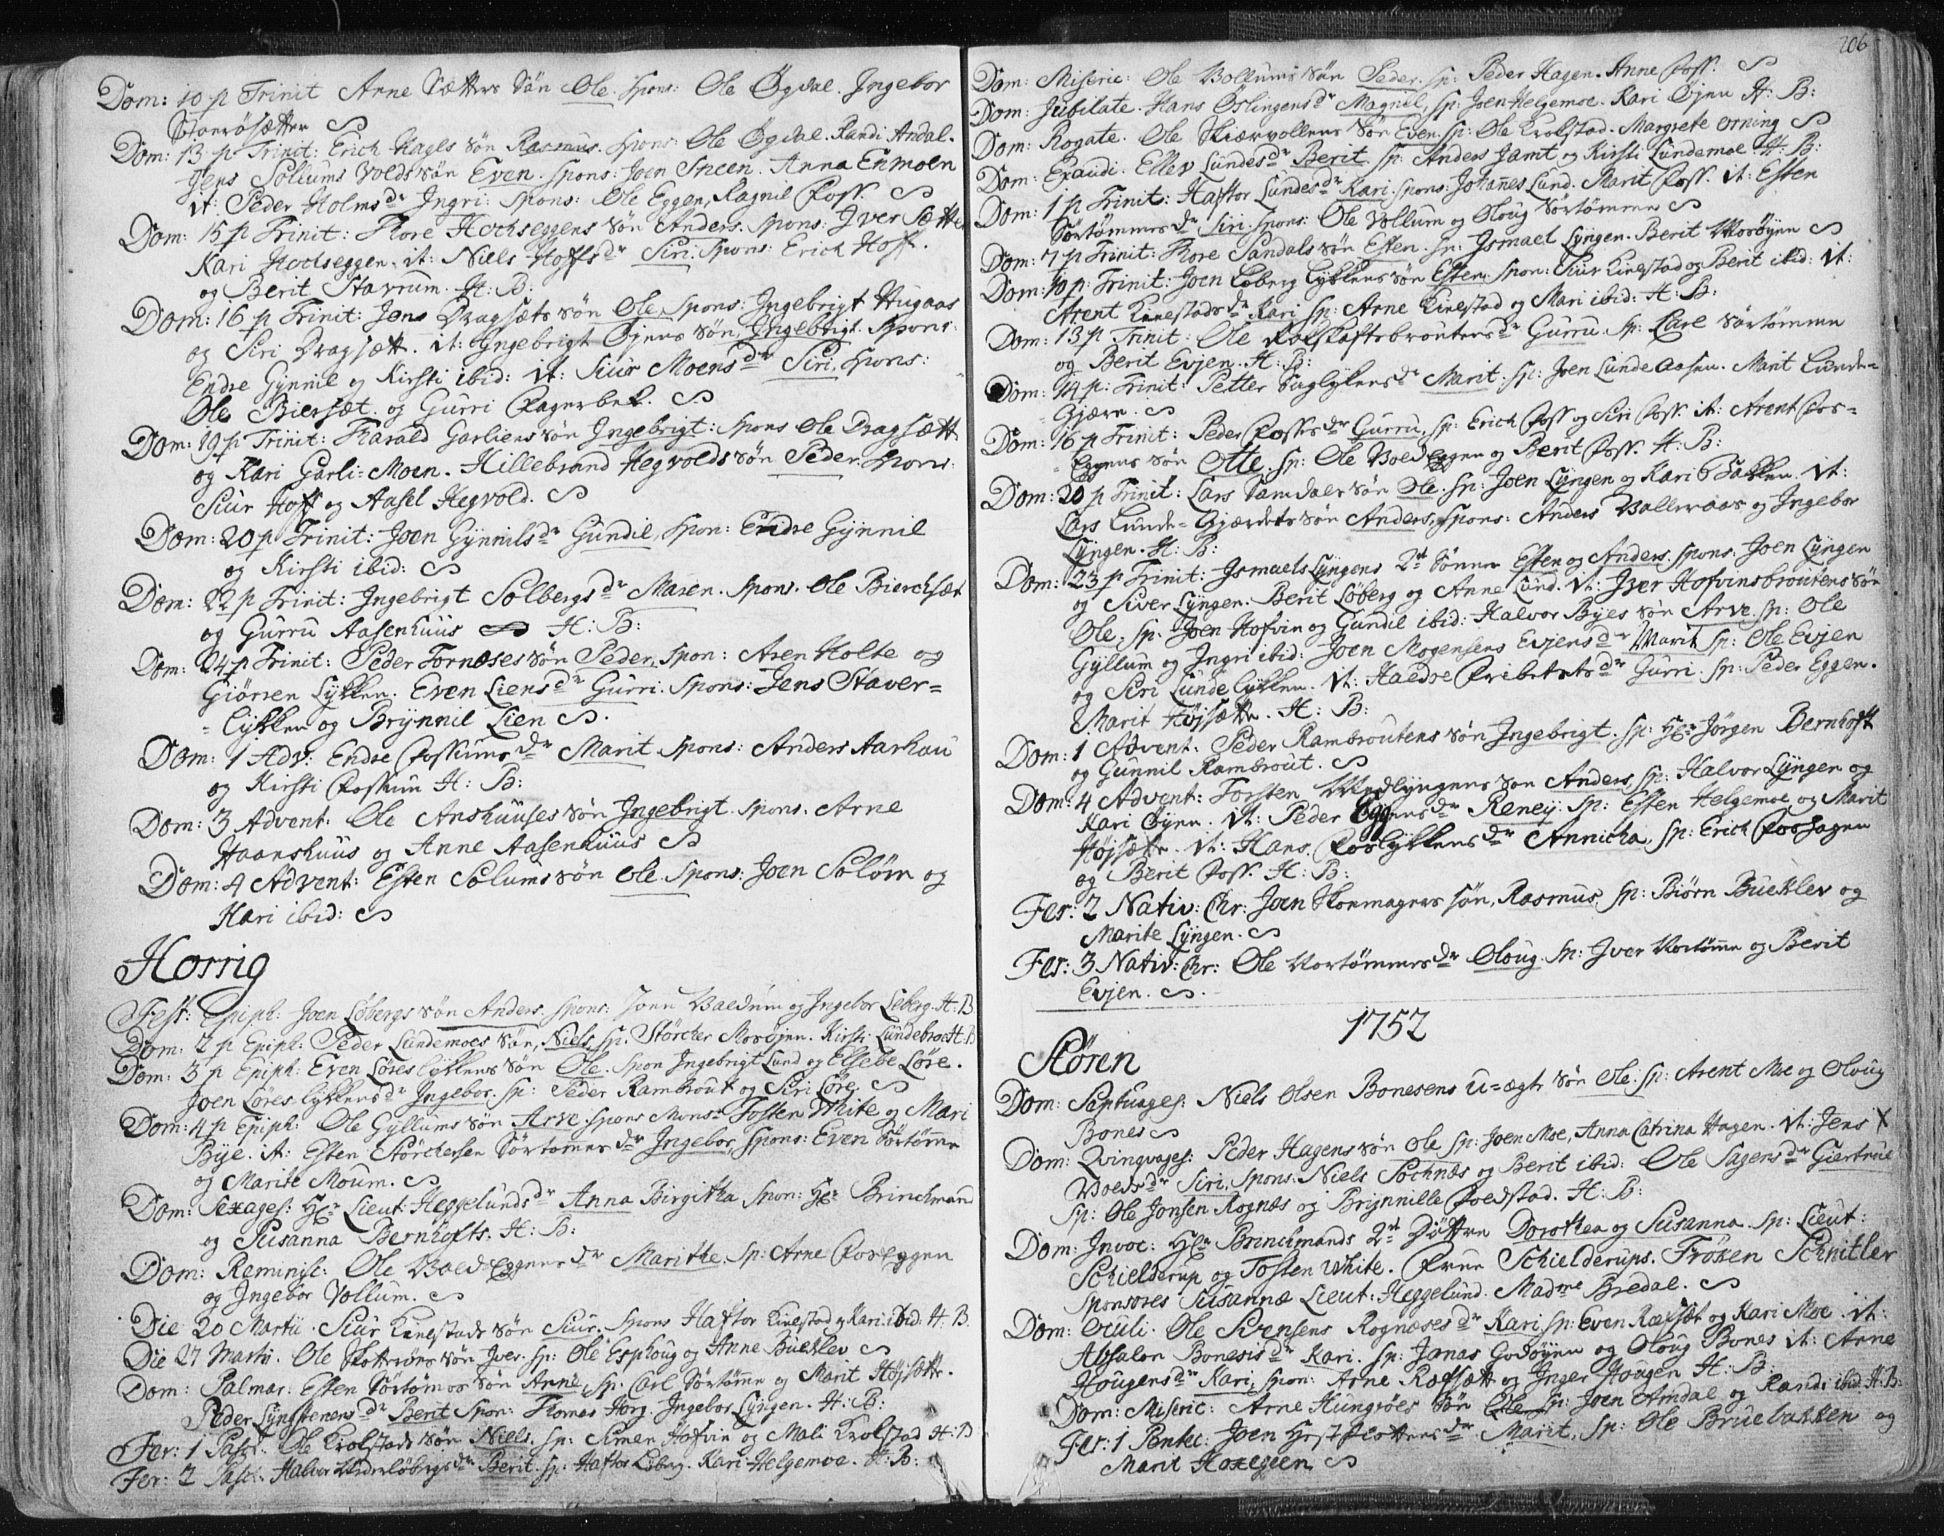 SAT, Ministerialprotokoller, klokkerbøker og fødselsregistre - Sør-Trøndelag, 687/L0991: Ministerialbok nr. 687A02, 1747-1790, s. 206